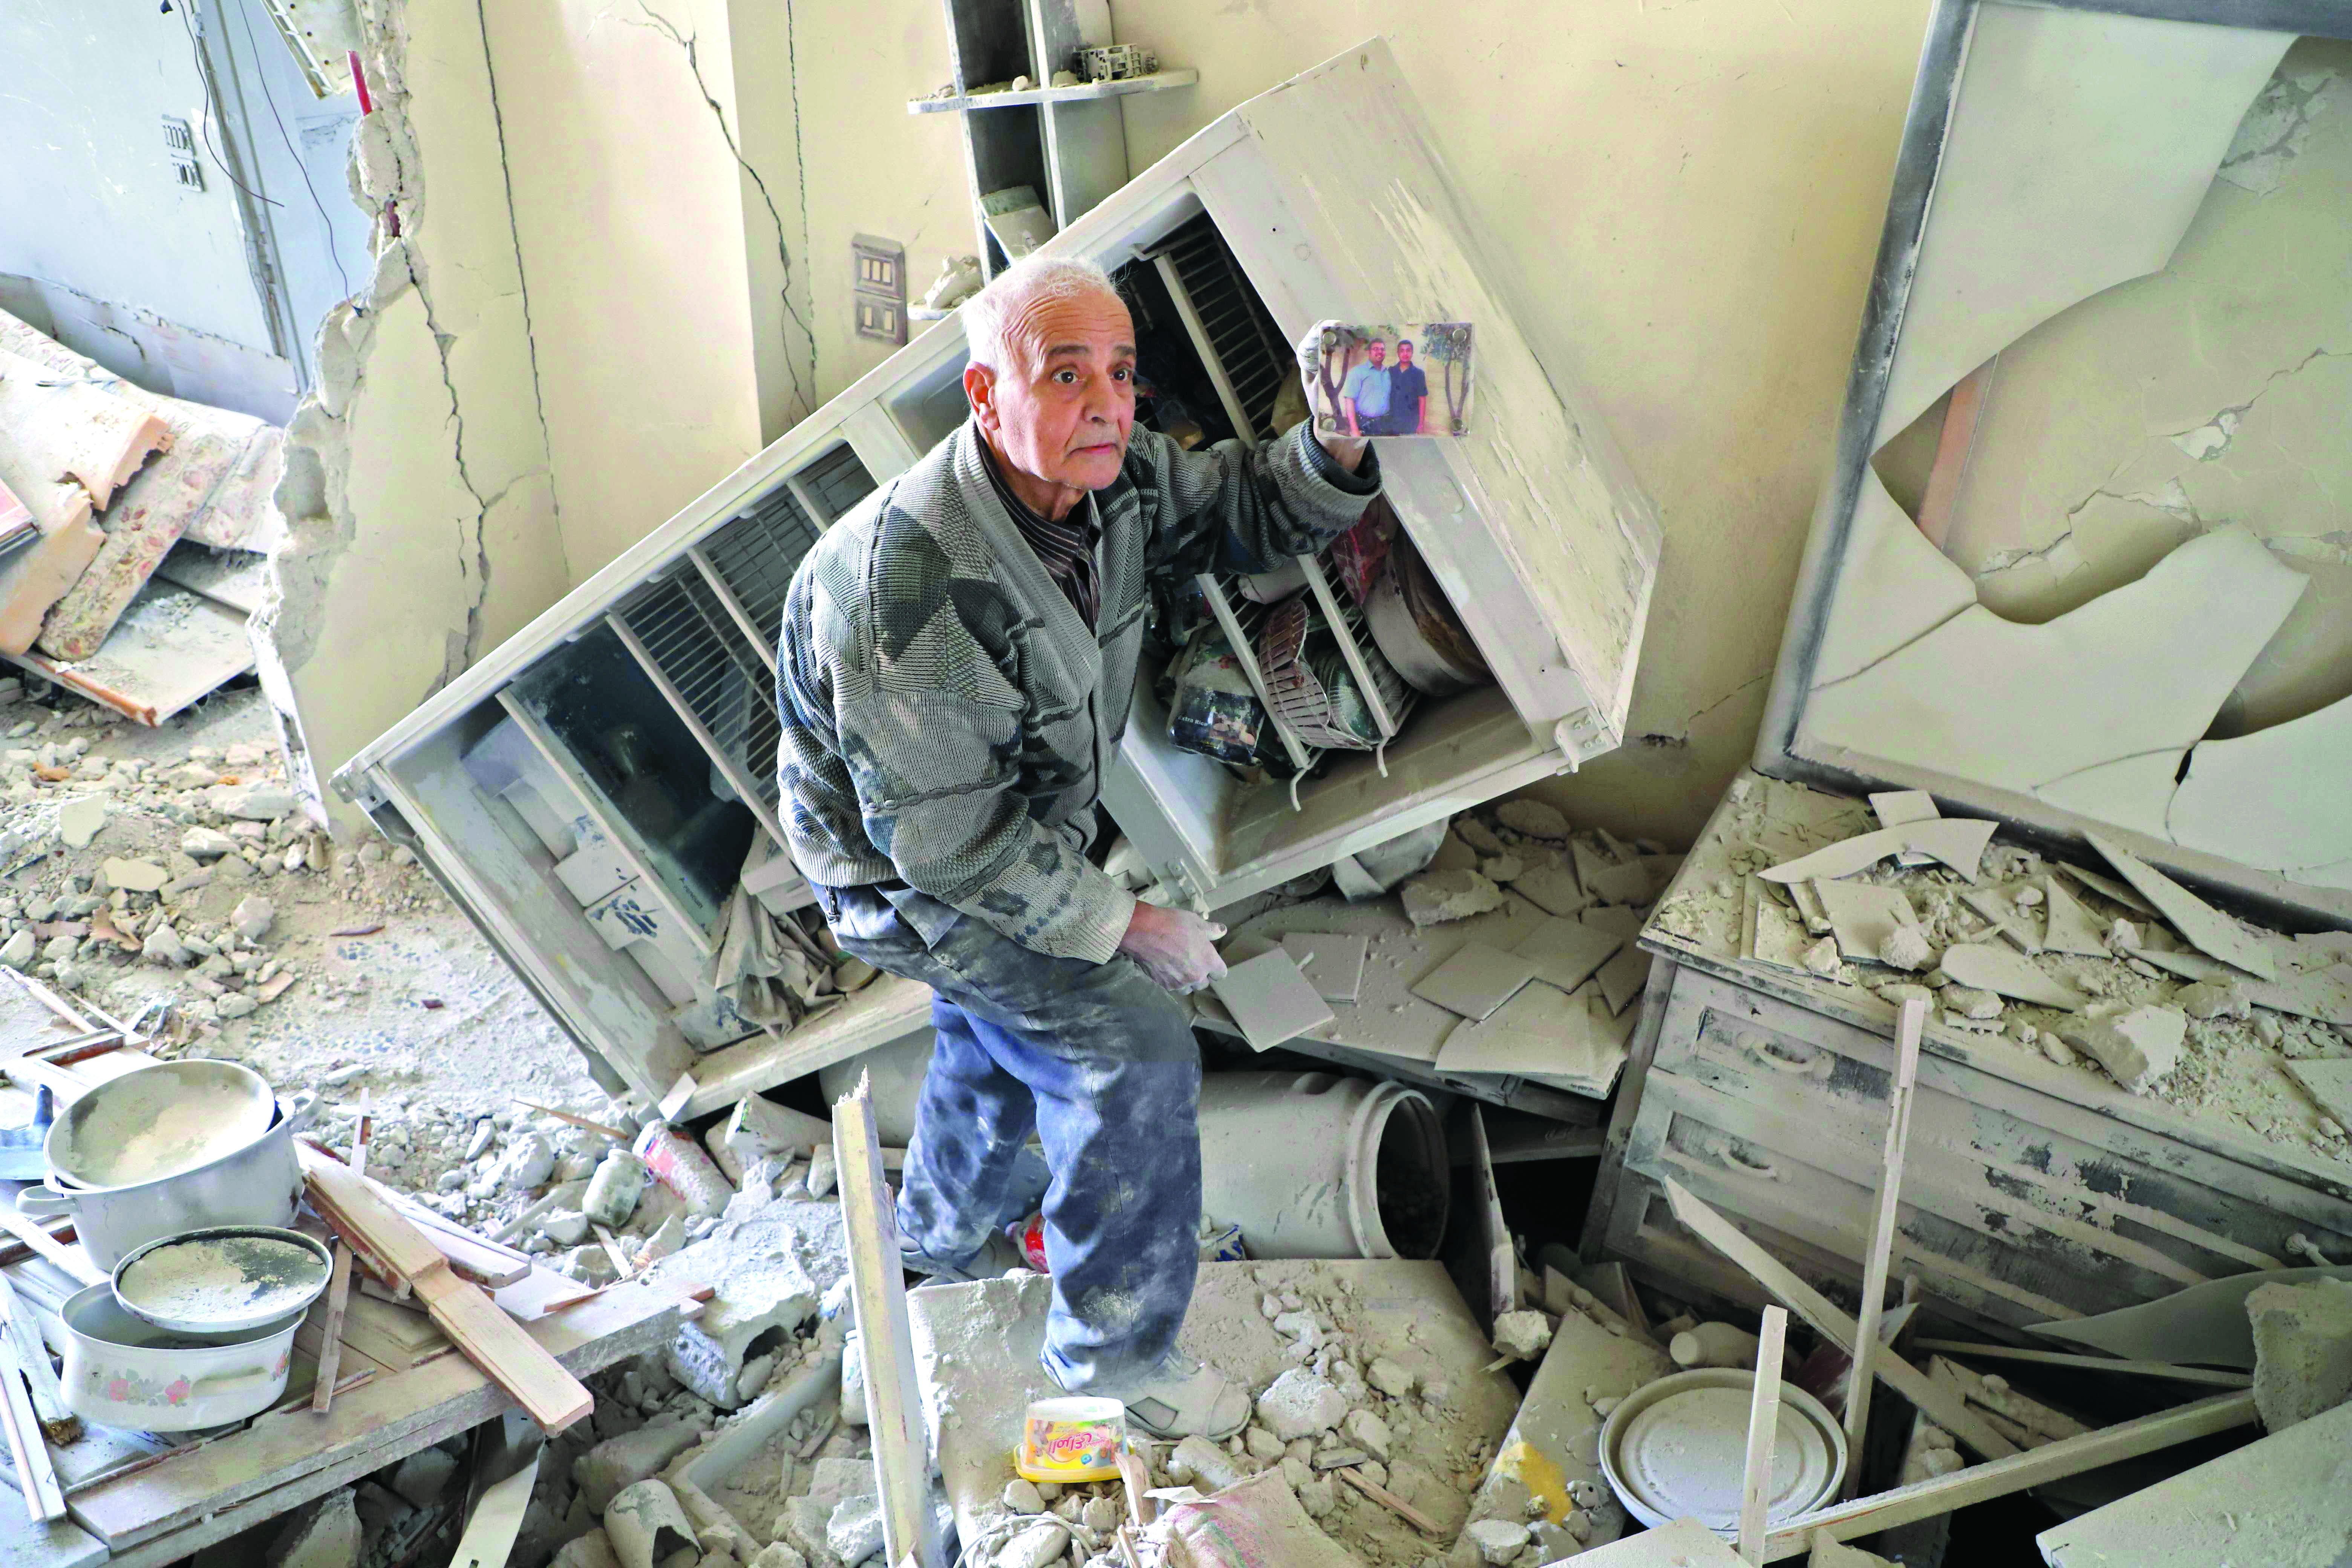 Síria: militantes atacam corredor humanitário que seguia a Ghouta